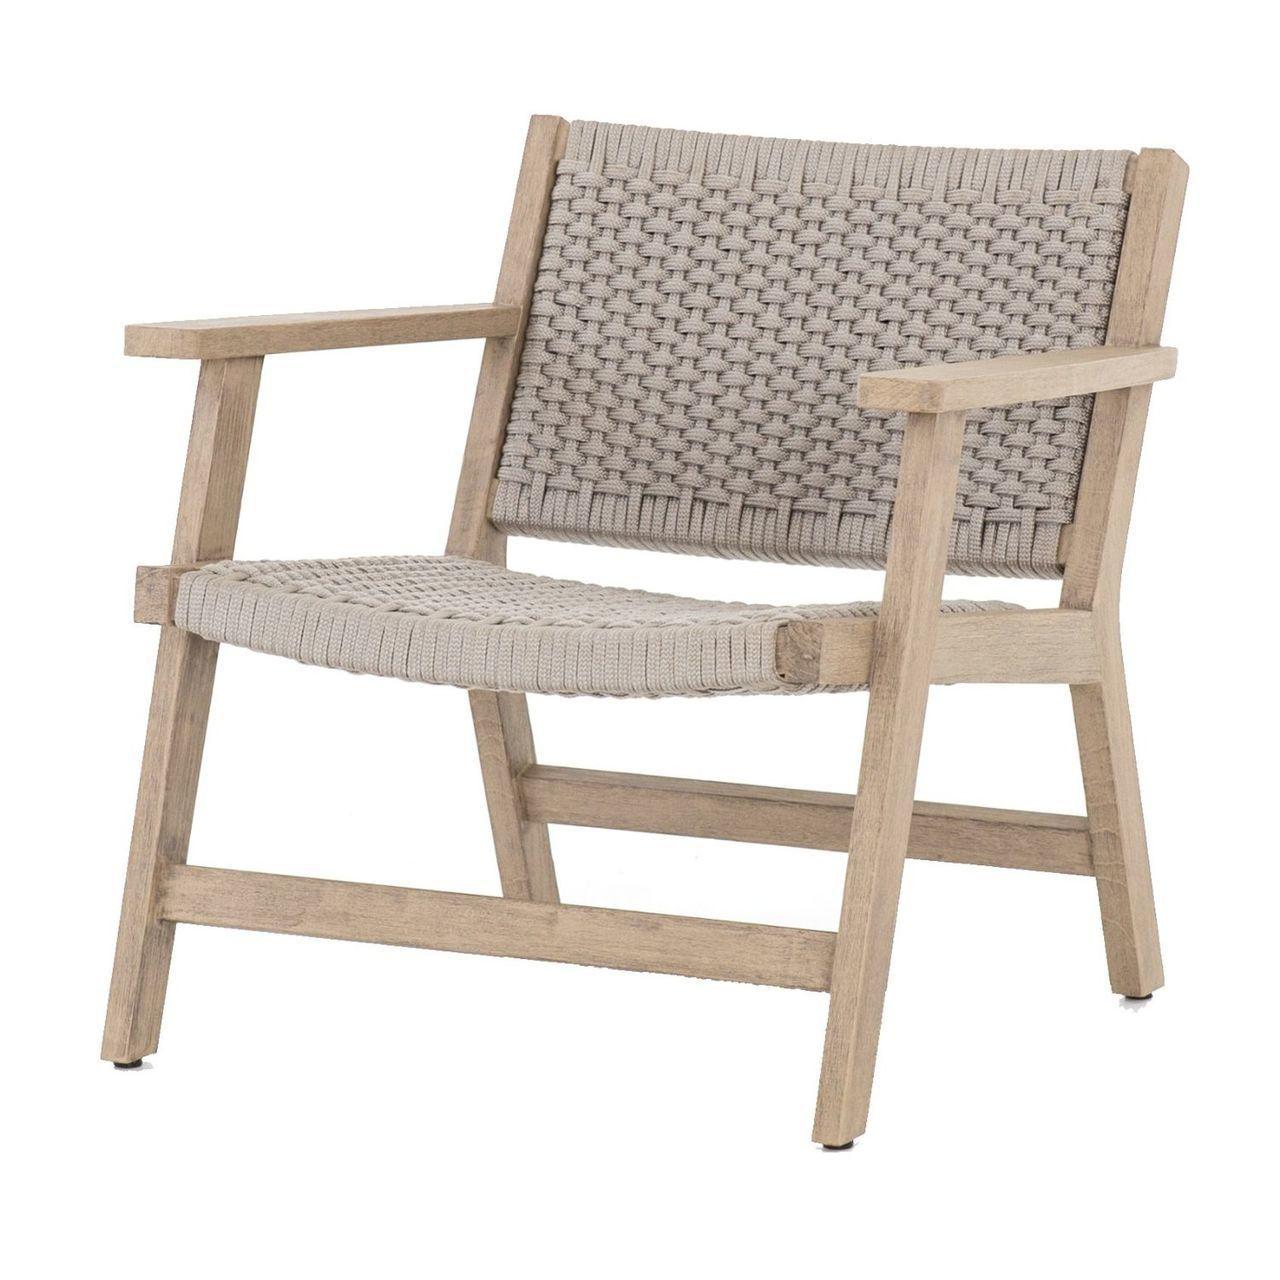 Natural Bamboo Outdoor Garden Decor Patio Deck Pool Chair Seat Sun Lounger Eco-f